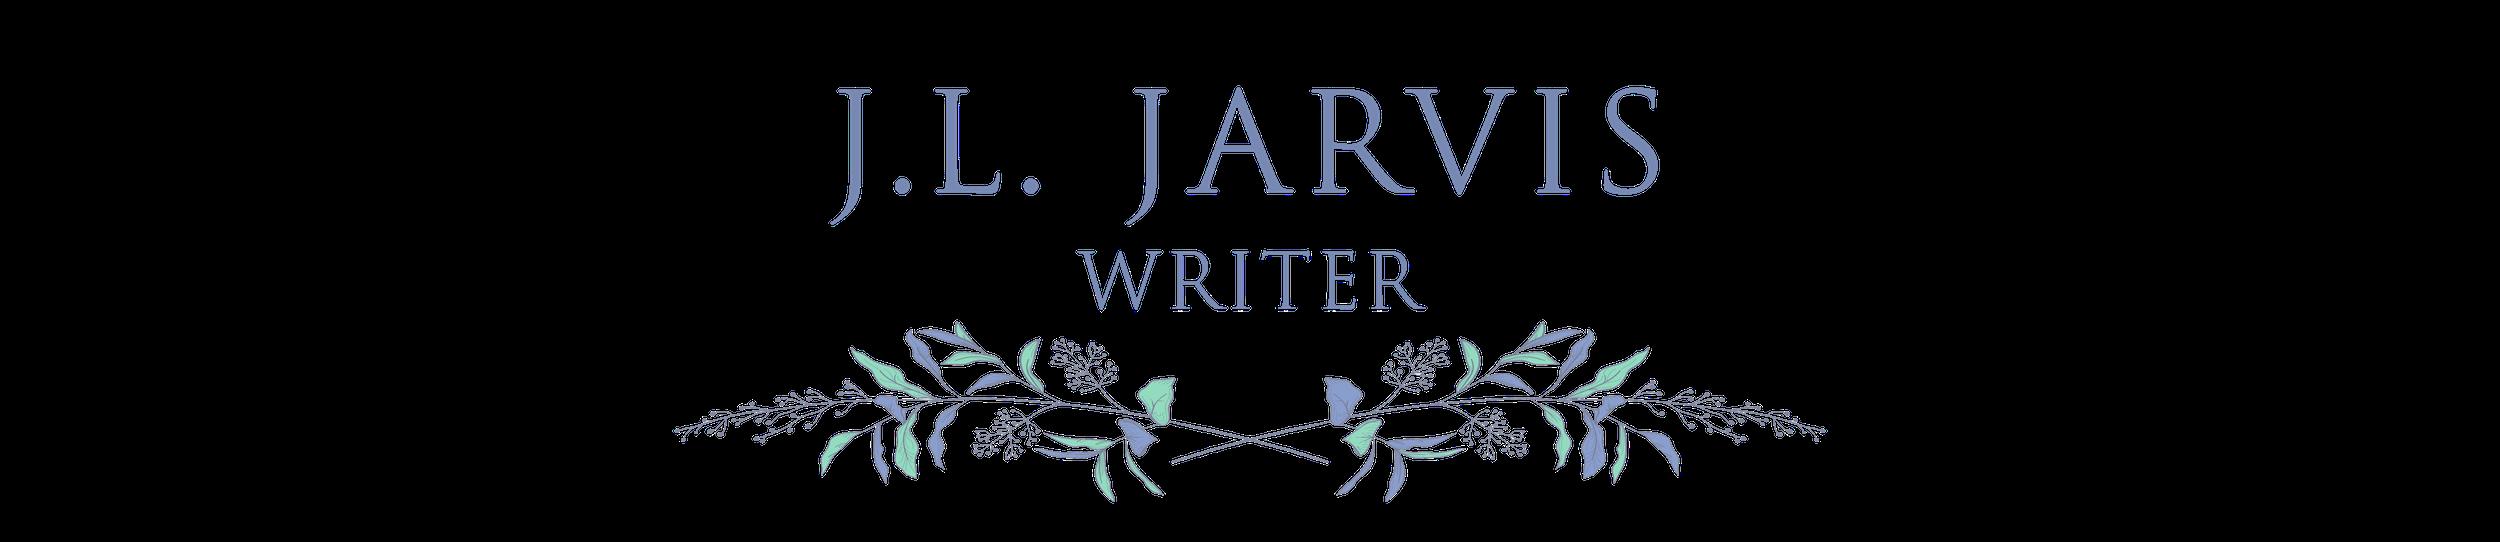 J.L. JARVIS